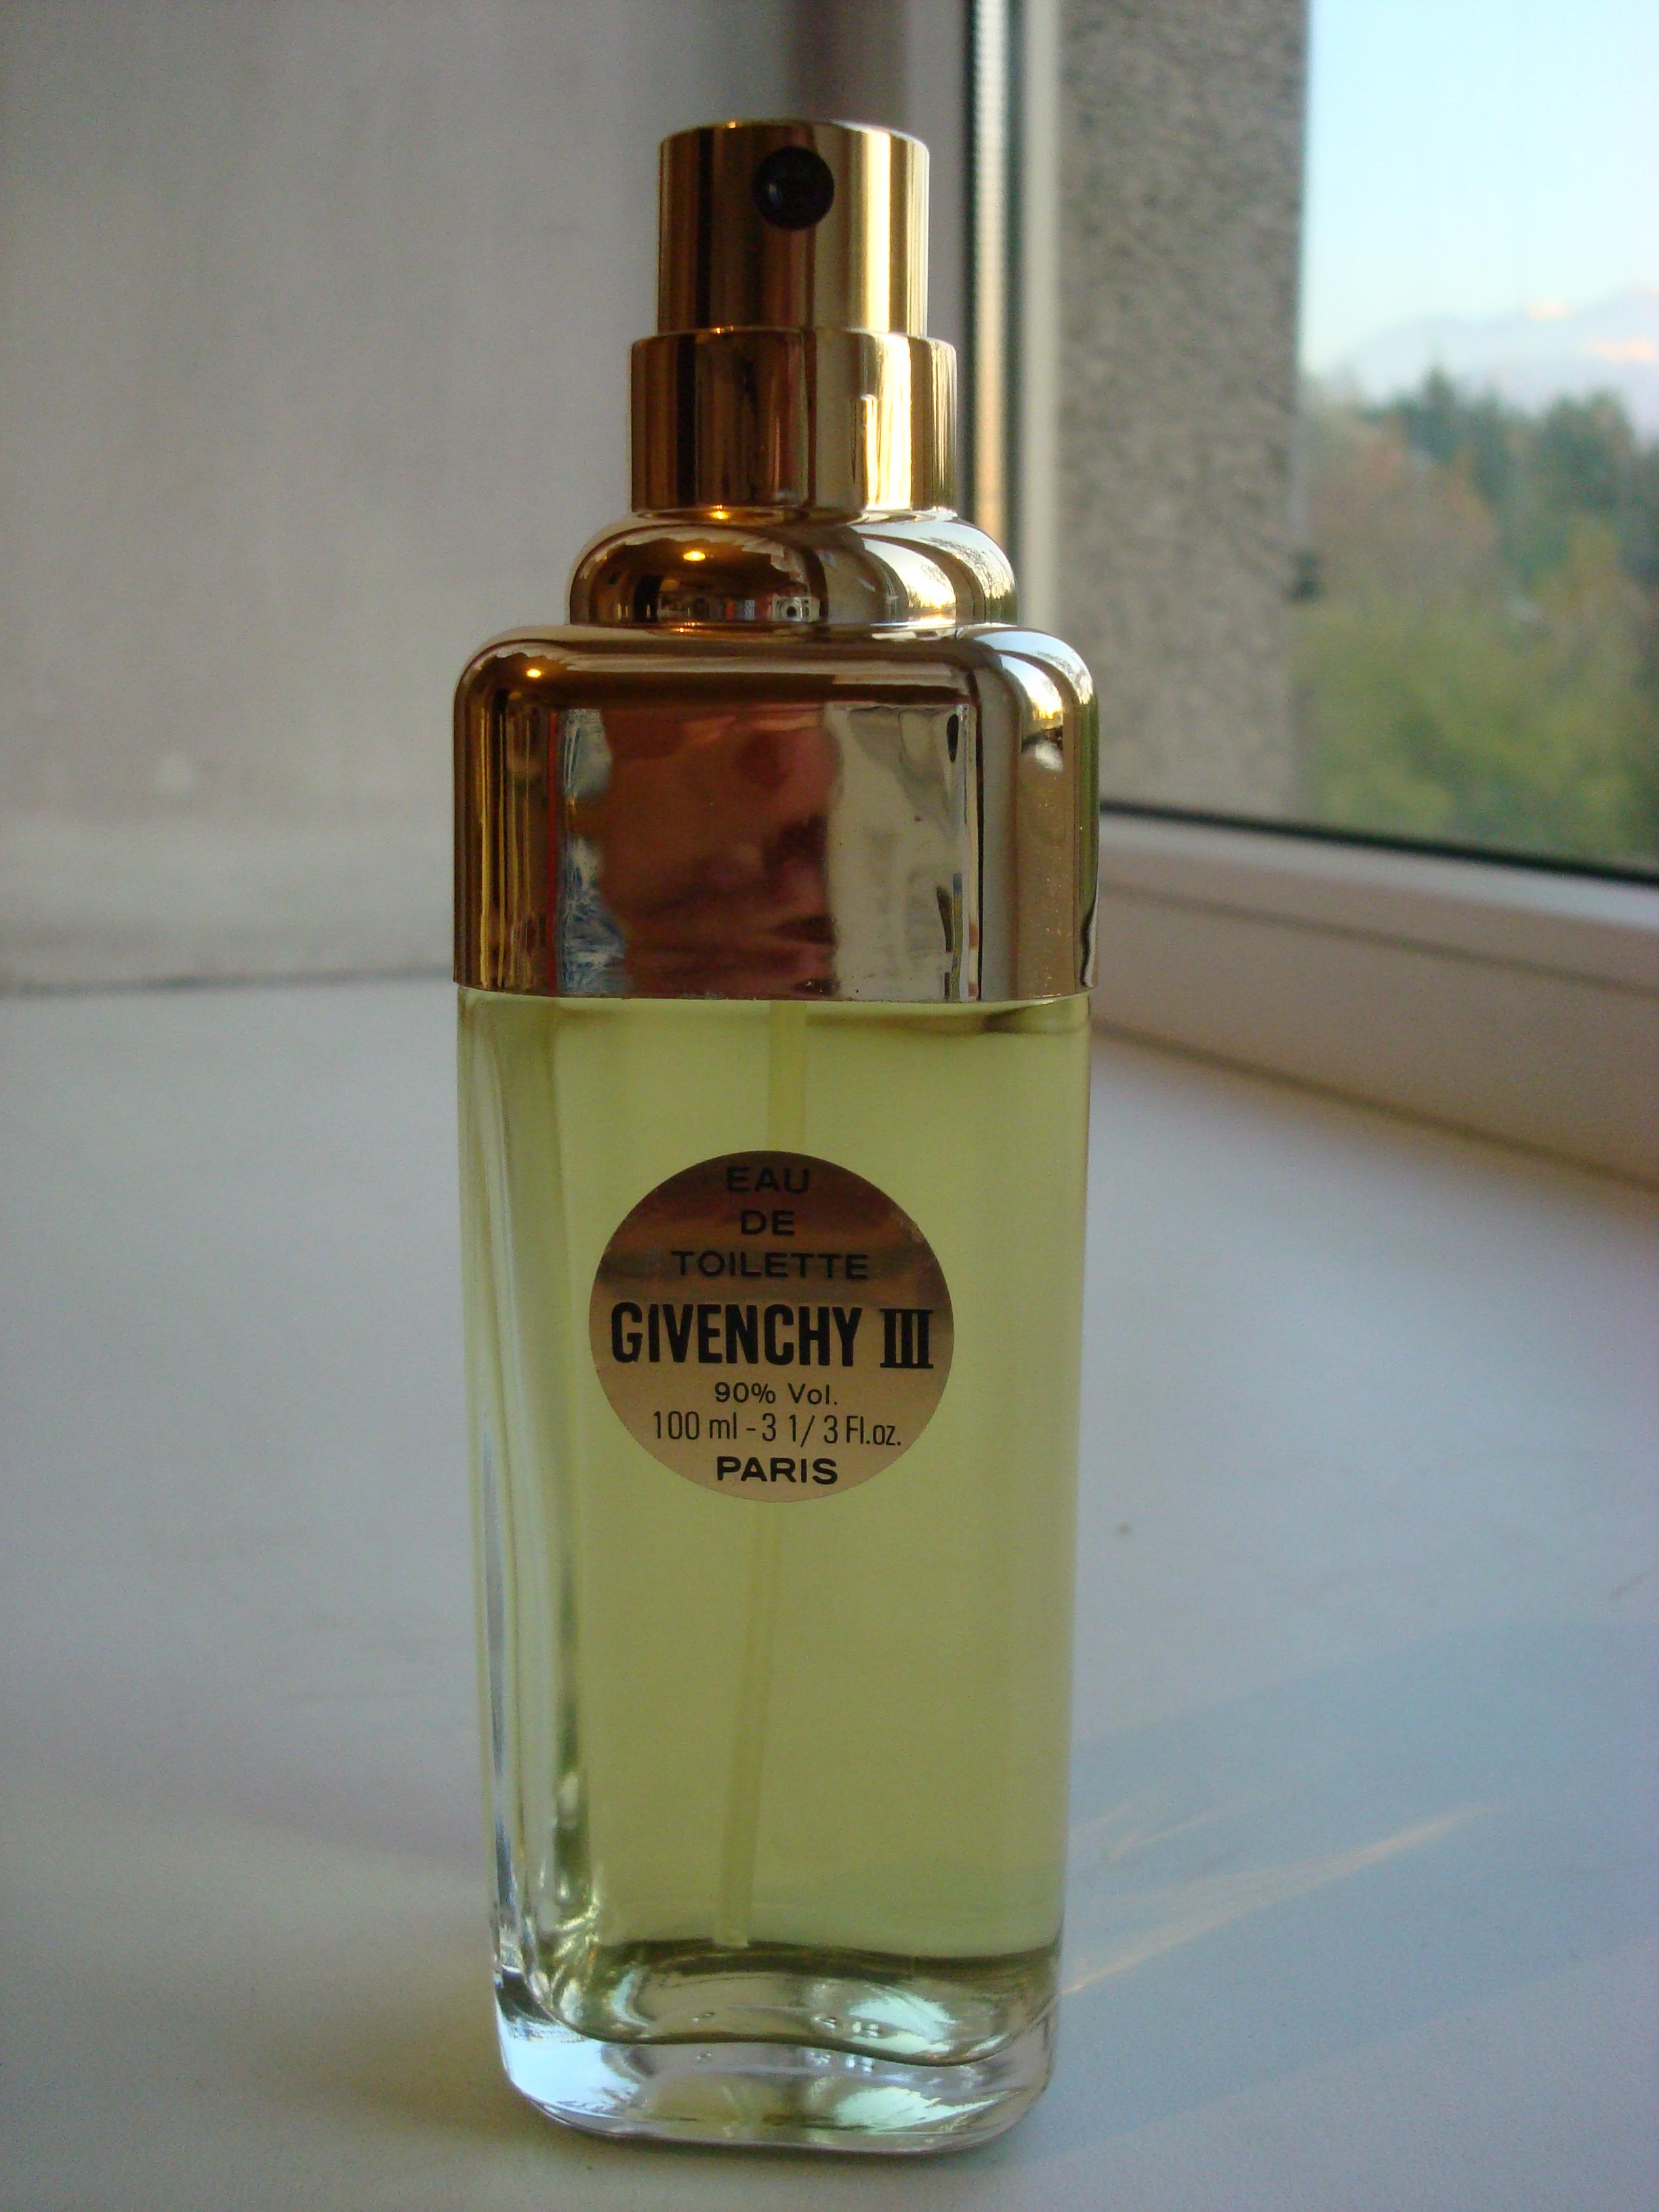 Парфюм дня - Givenchy III